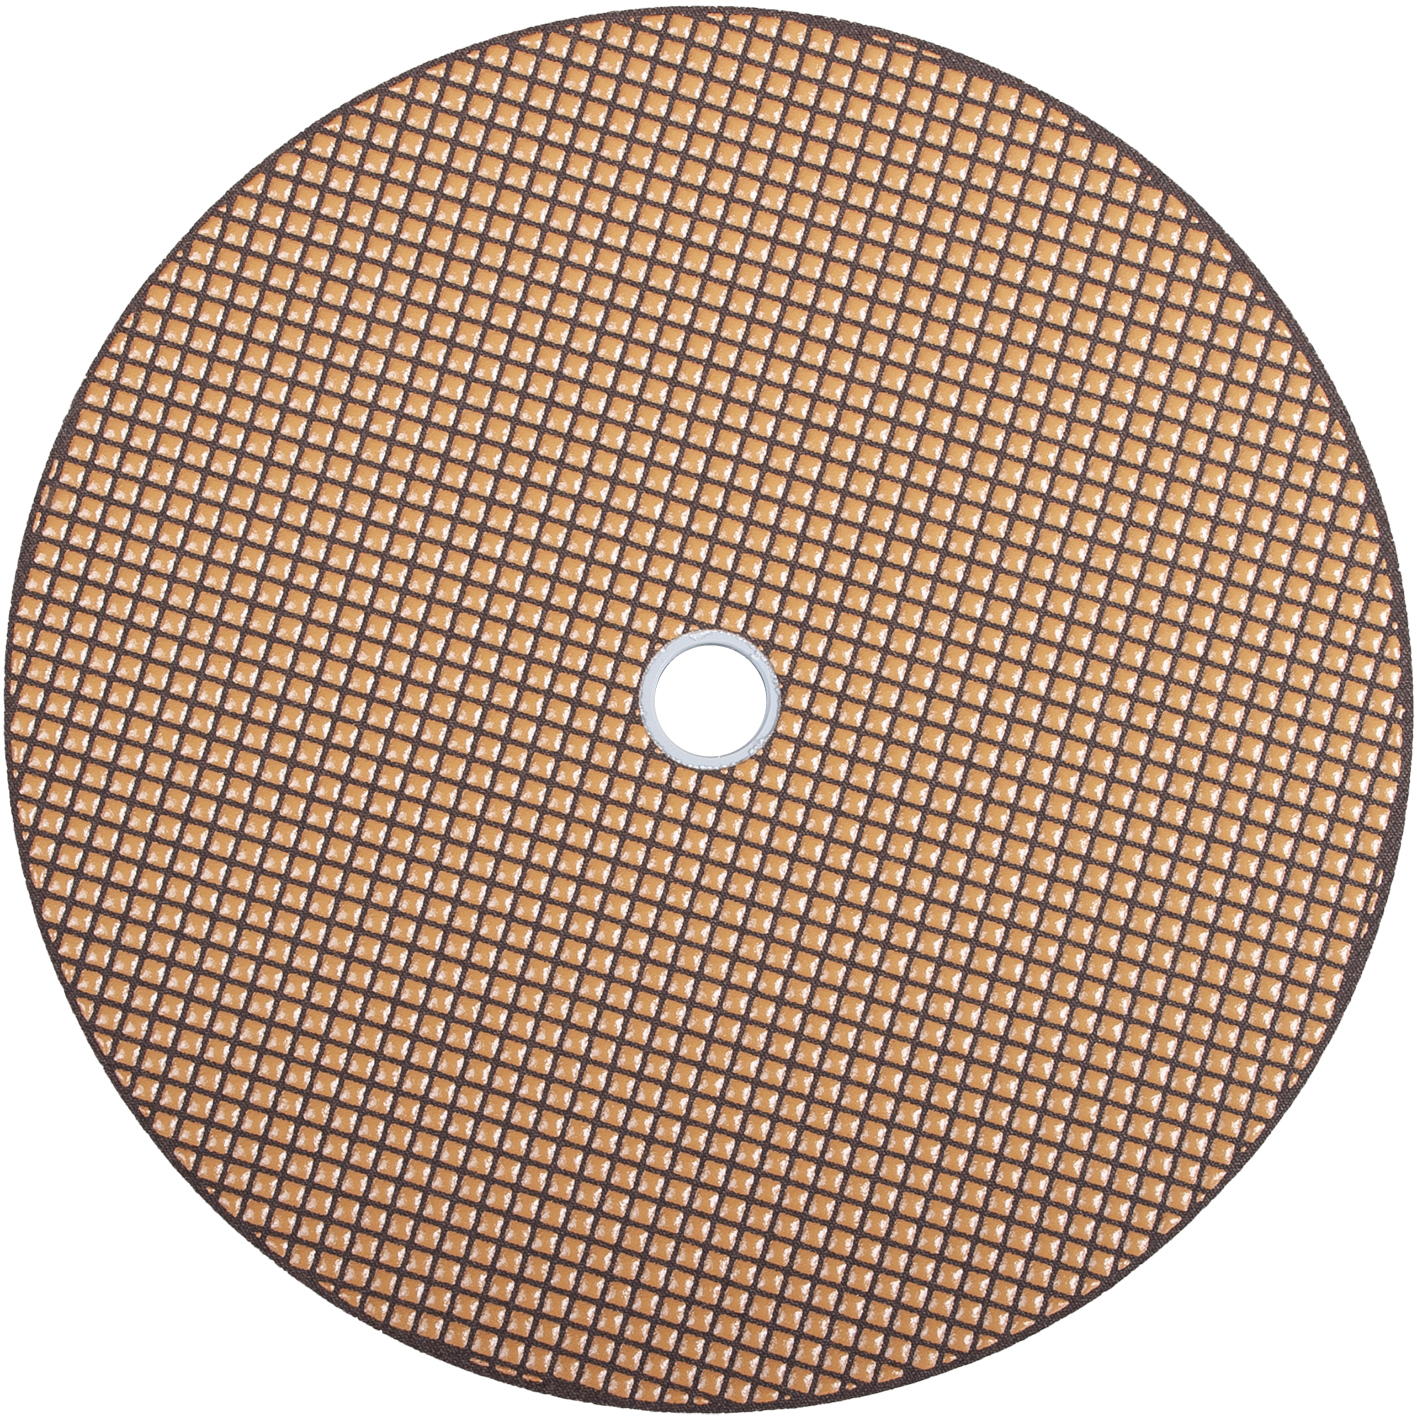 Diamantschleifteller OCTRON ø 250 mm | Klett | Korn 3000